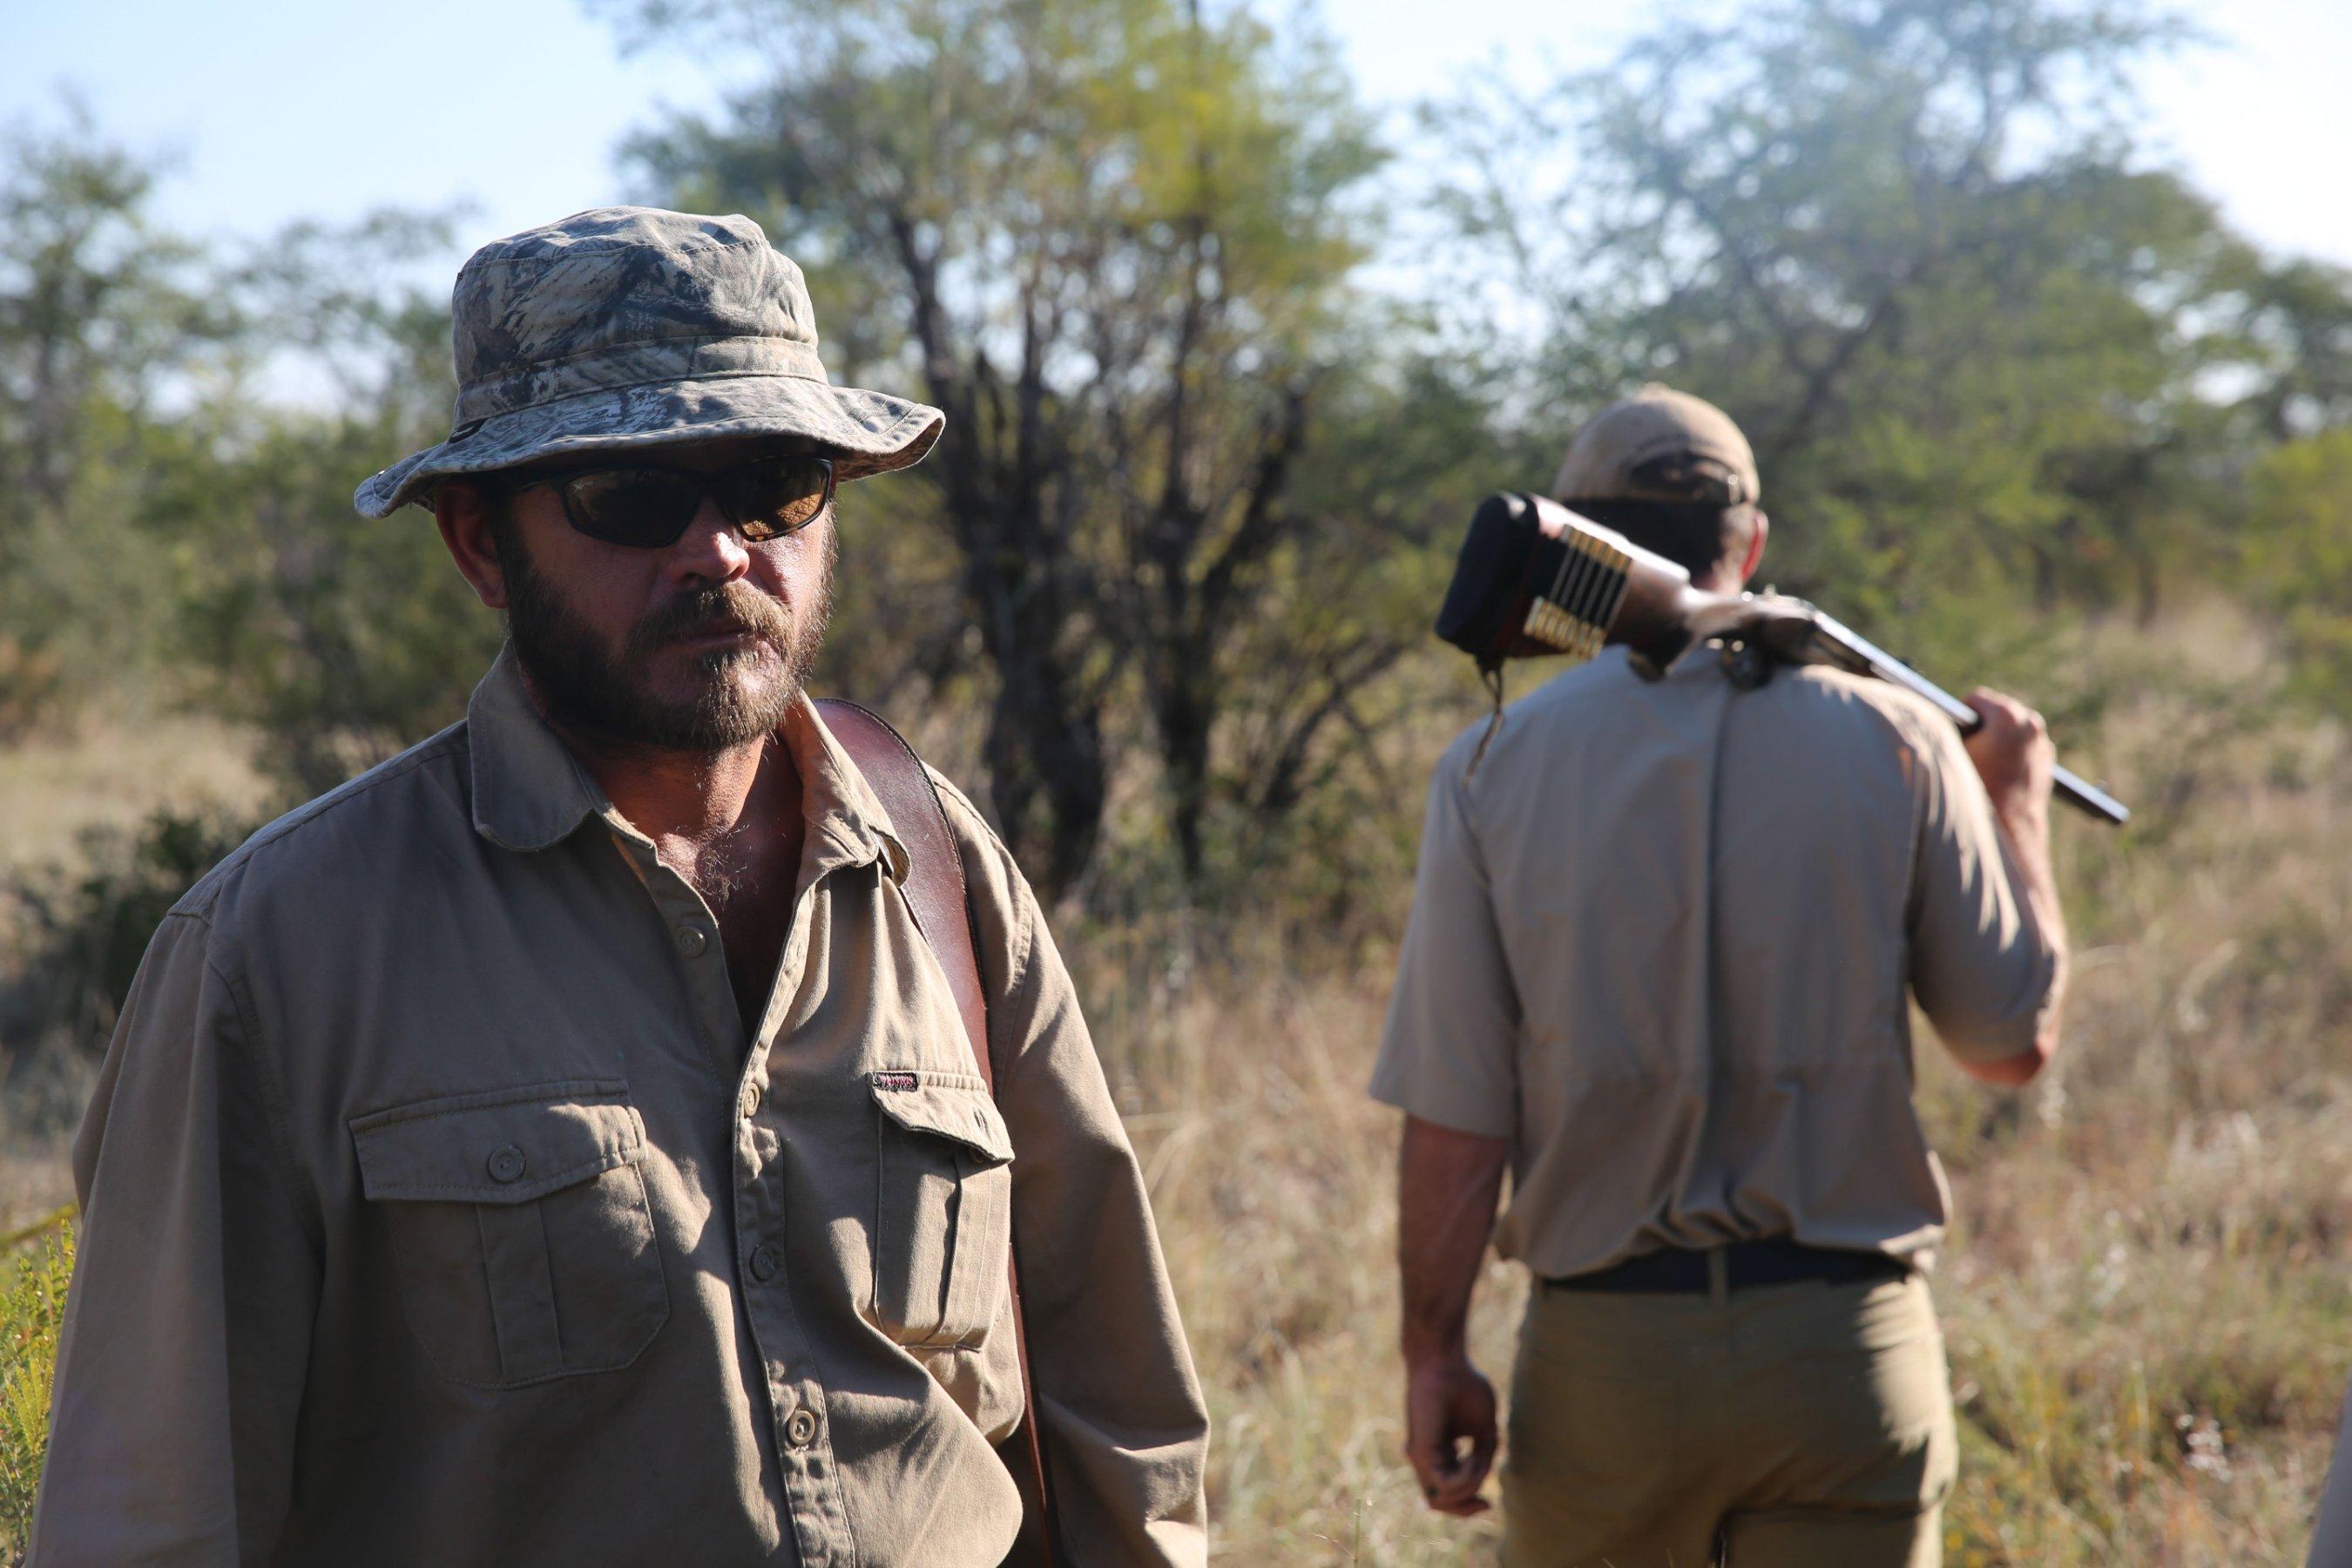 El consejo del cazador profesional Van Heerden sobre la cacería de rinocerontes: Quítate de su camino. (Crédito: Jason Morris/CNN)